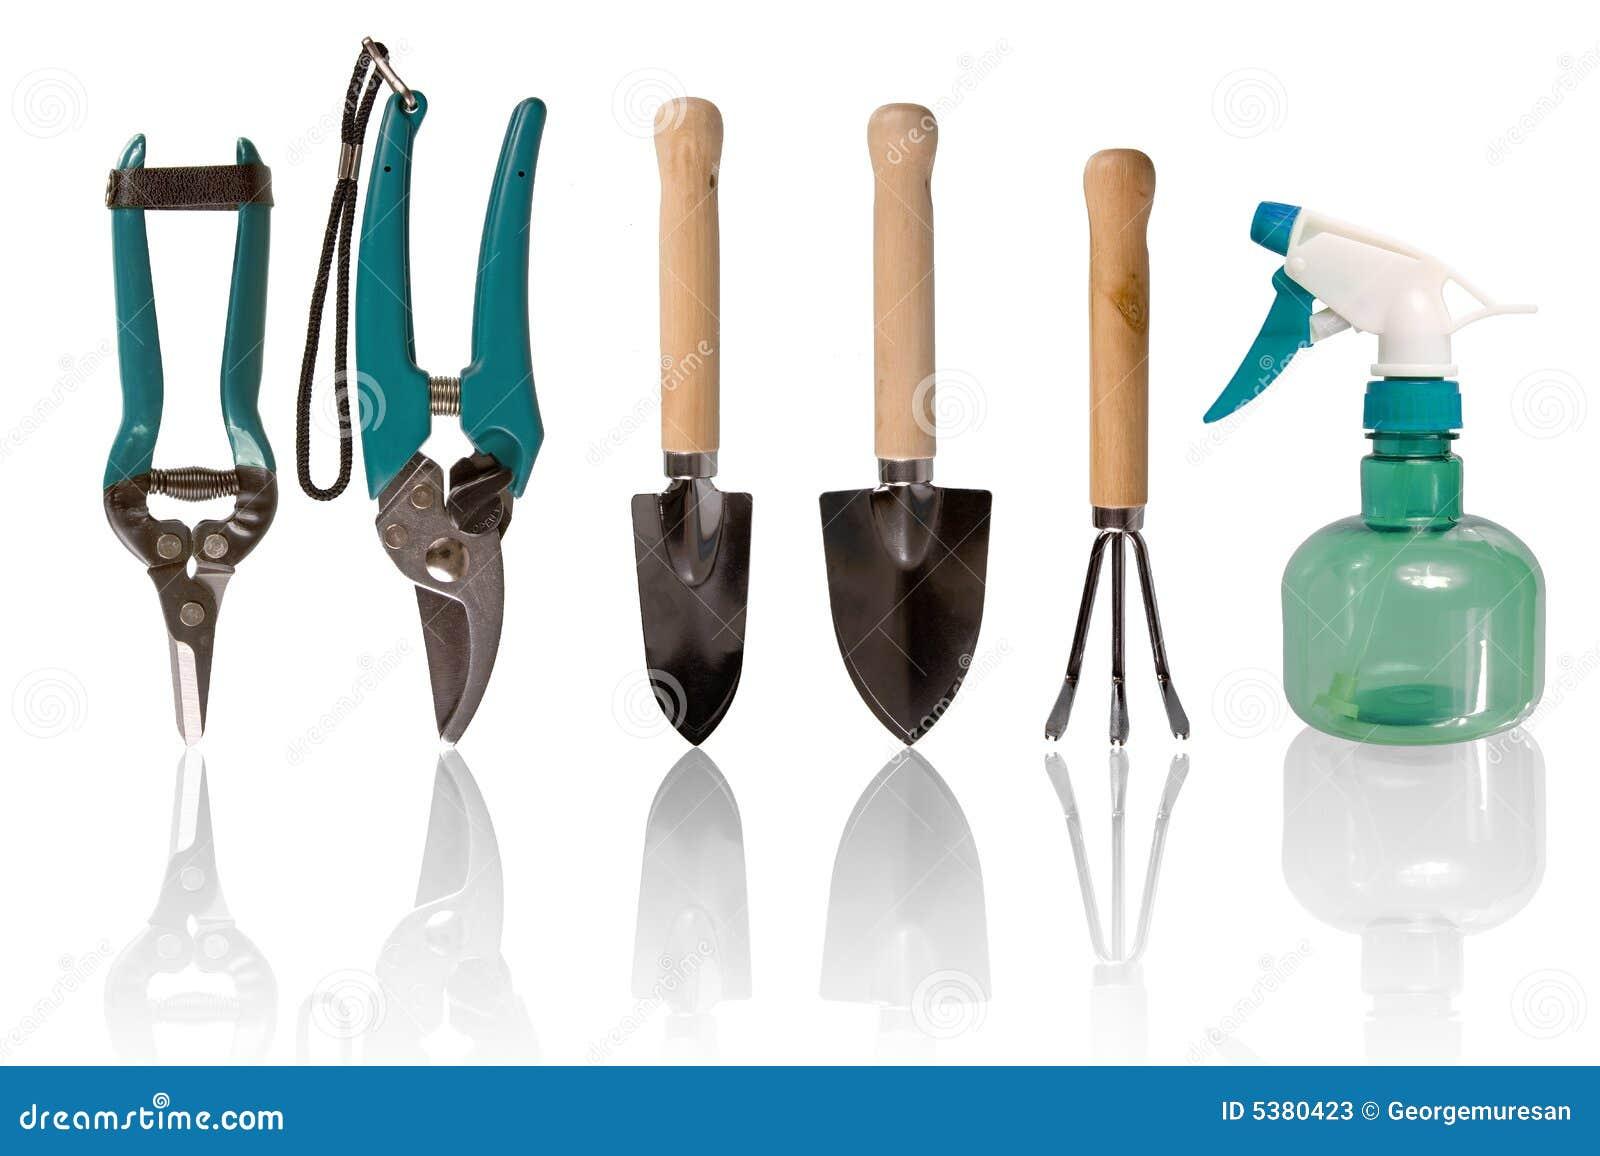 Petits outils de jardinage photos stock image 5380423 - 94 outil de jardinage ...